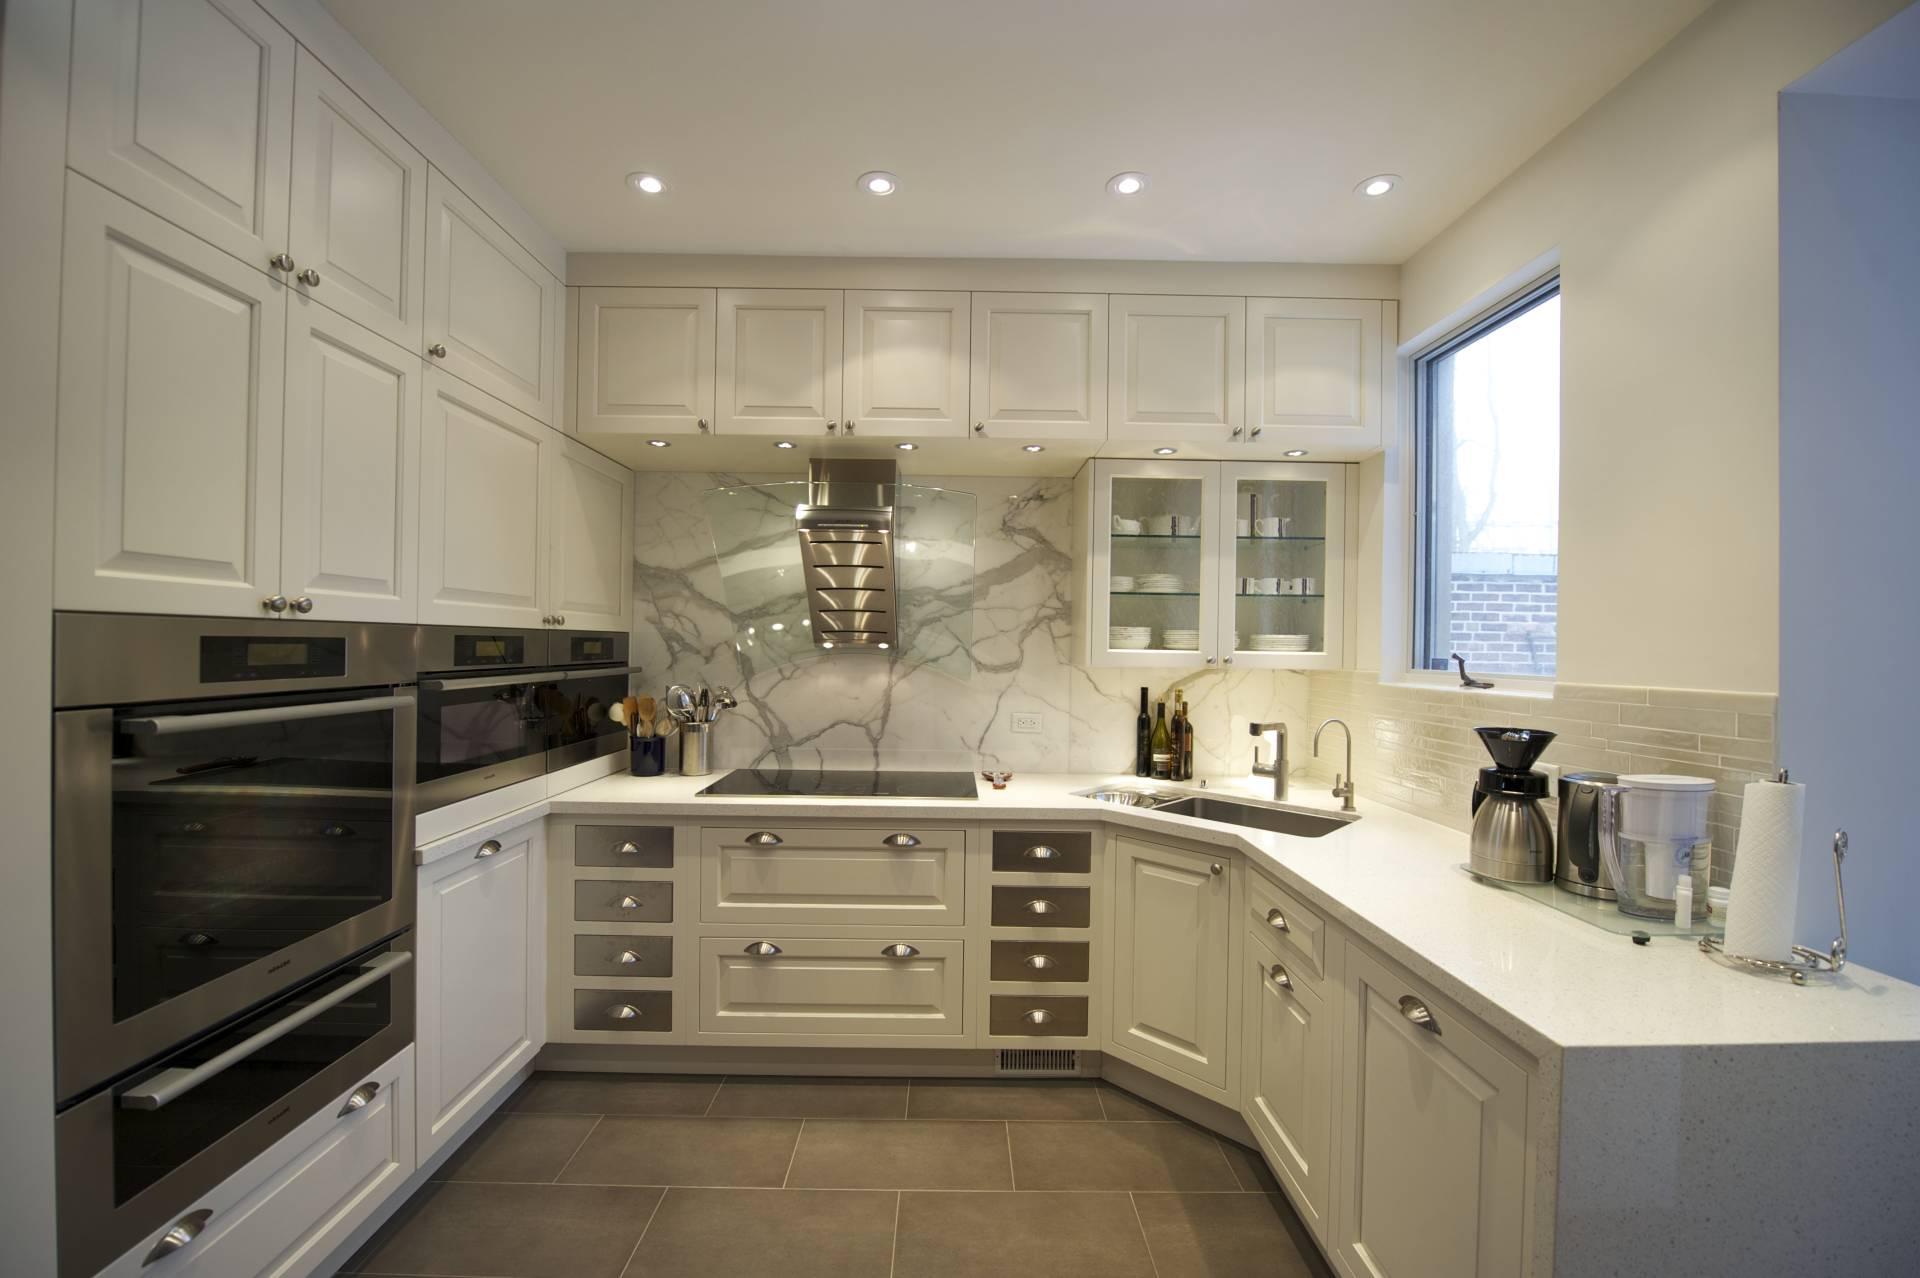 Дизайн кухни с вентиляционным коробом на заказ - фото Фото дизайна кухни с углом